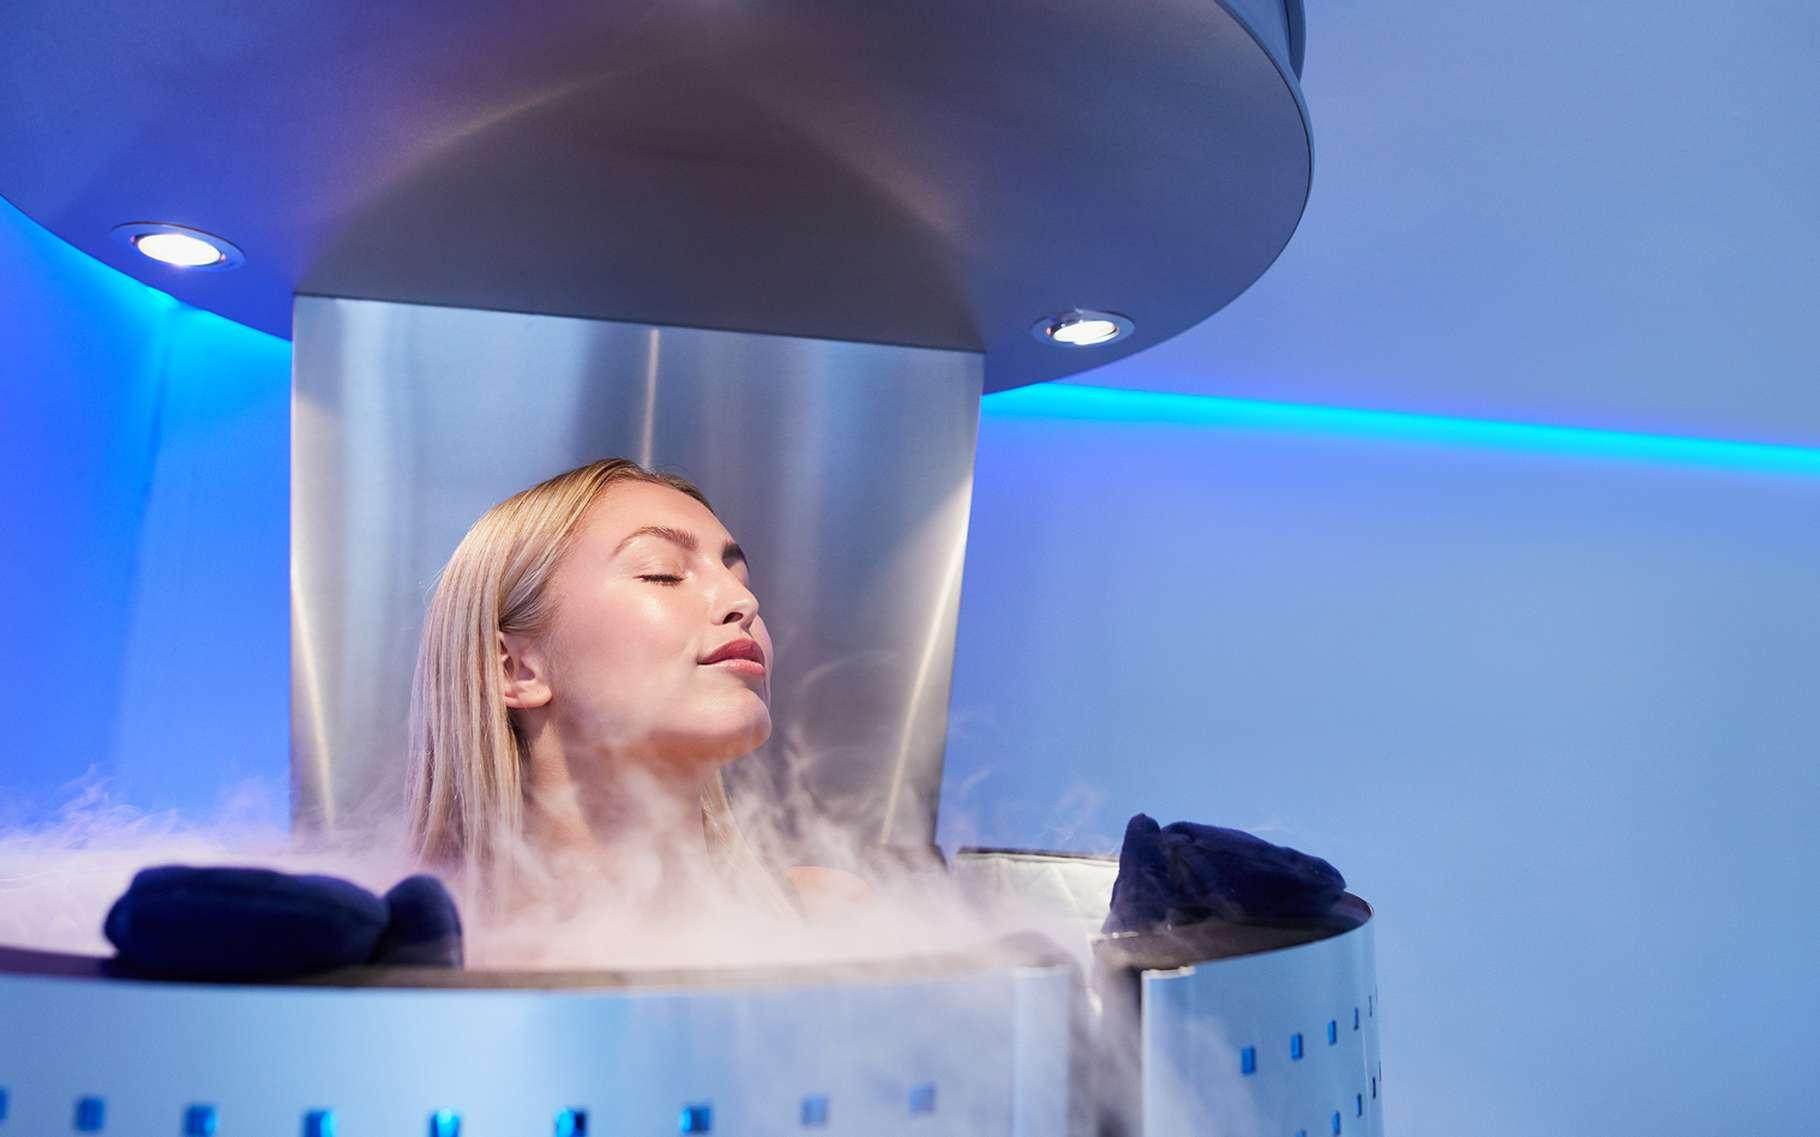 La cryogénisation propose de plonger des êtres vivants – ou plutôt juste après leur mort – dans un bain d'azote liquide en vue de pouvoir les ressusciter par la suite. © Jacob Lund, Shutterstock